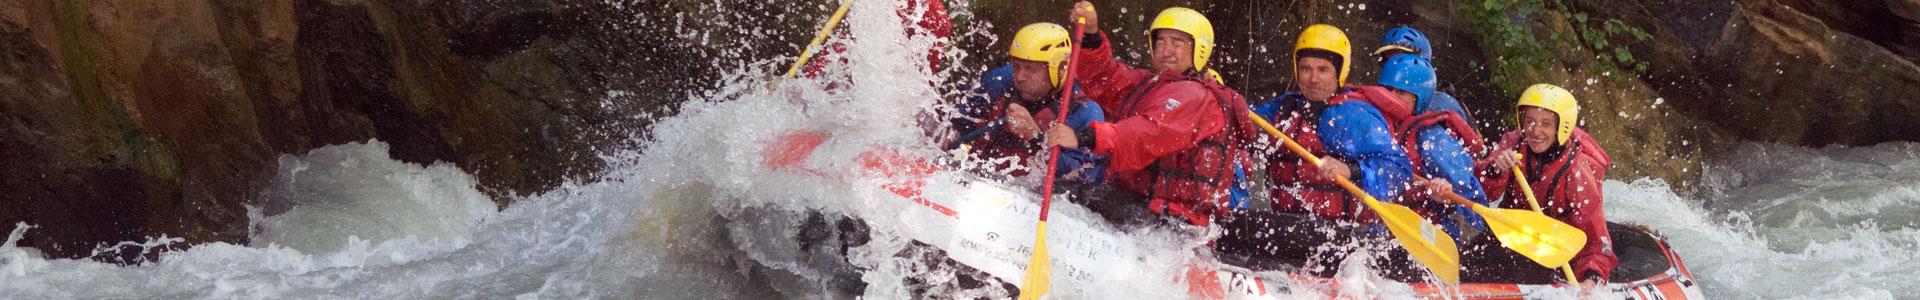 rafting slide 3